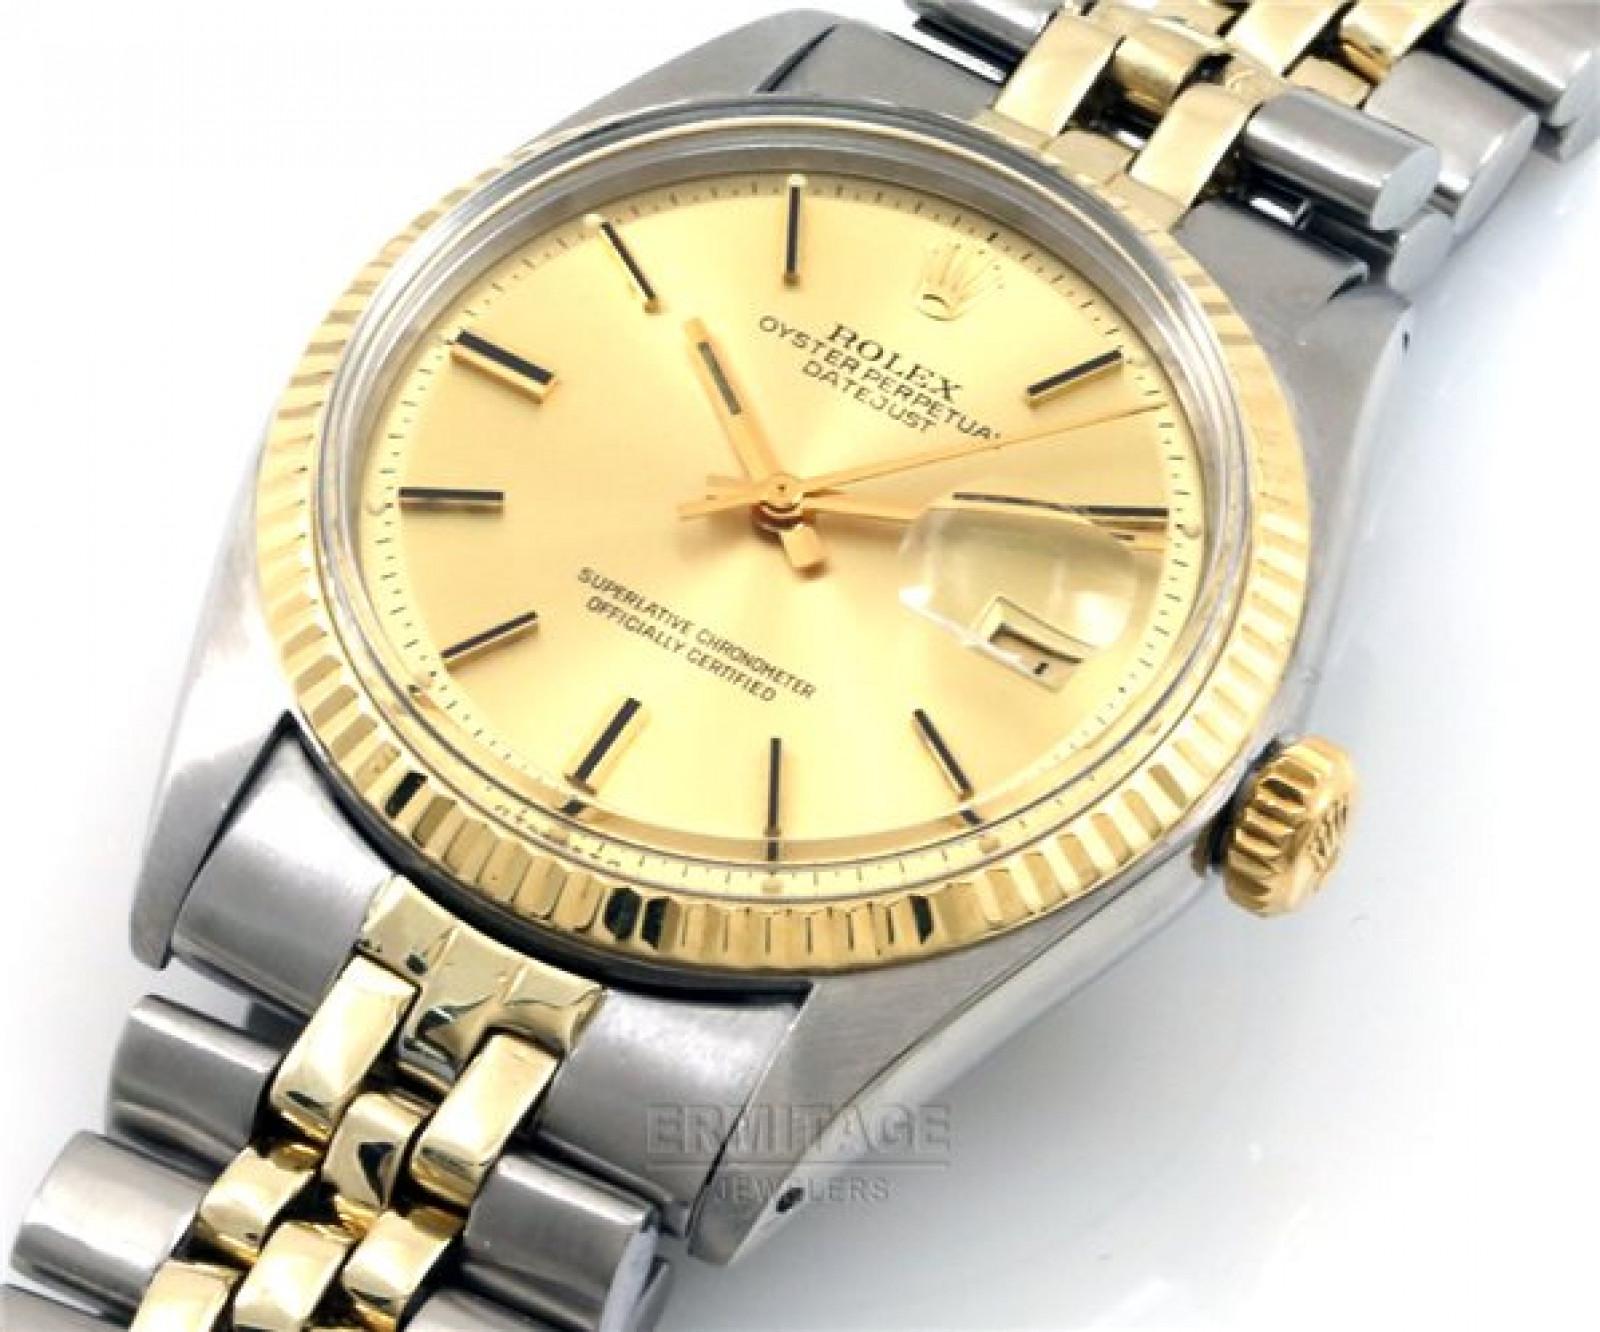 Vintage Rare Rolex Datejust 1601 Gold Year 1971